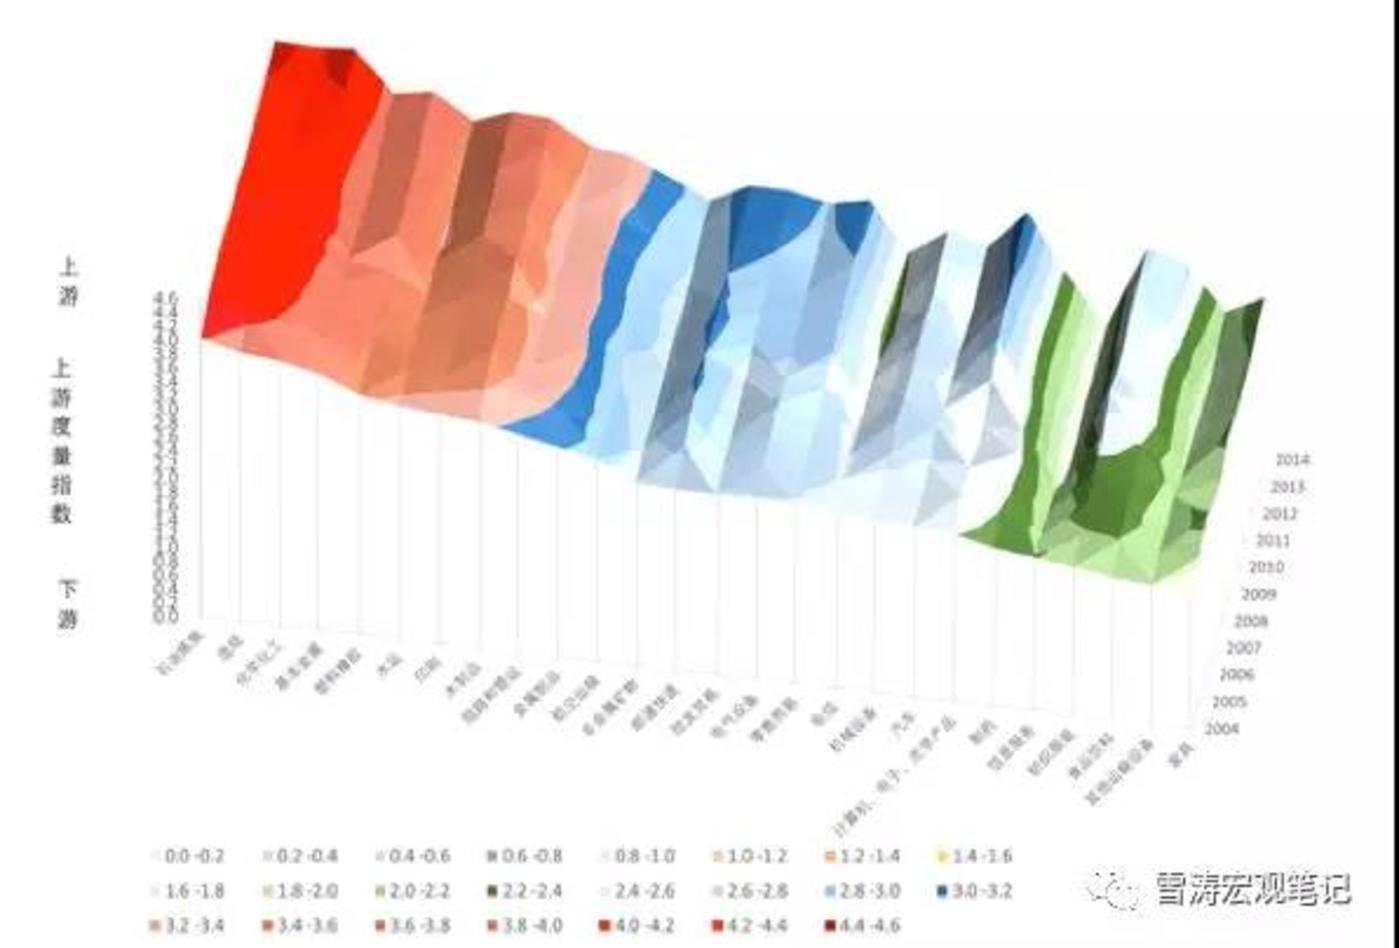 2004-2014年,全行业相对上游度变动率;资料来源:WIND,天风证券研究所